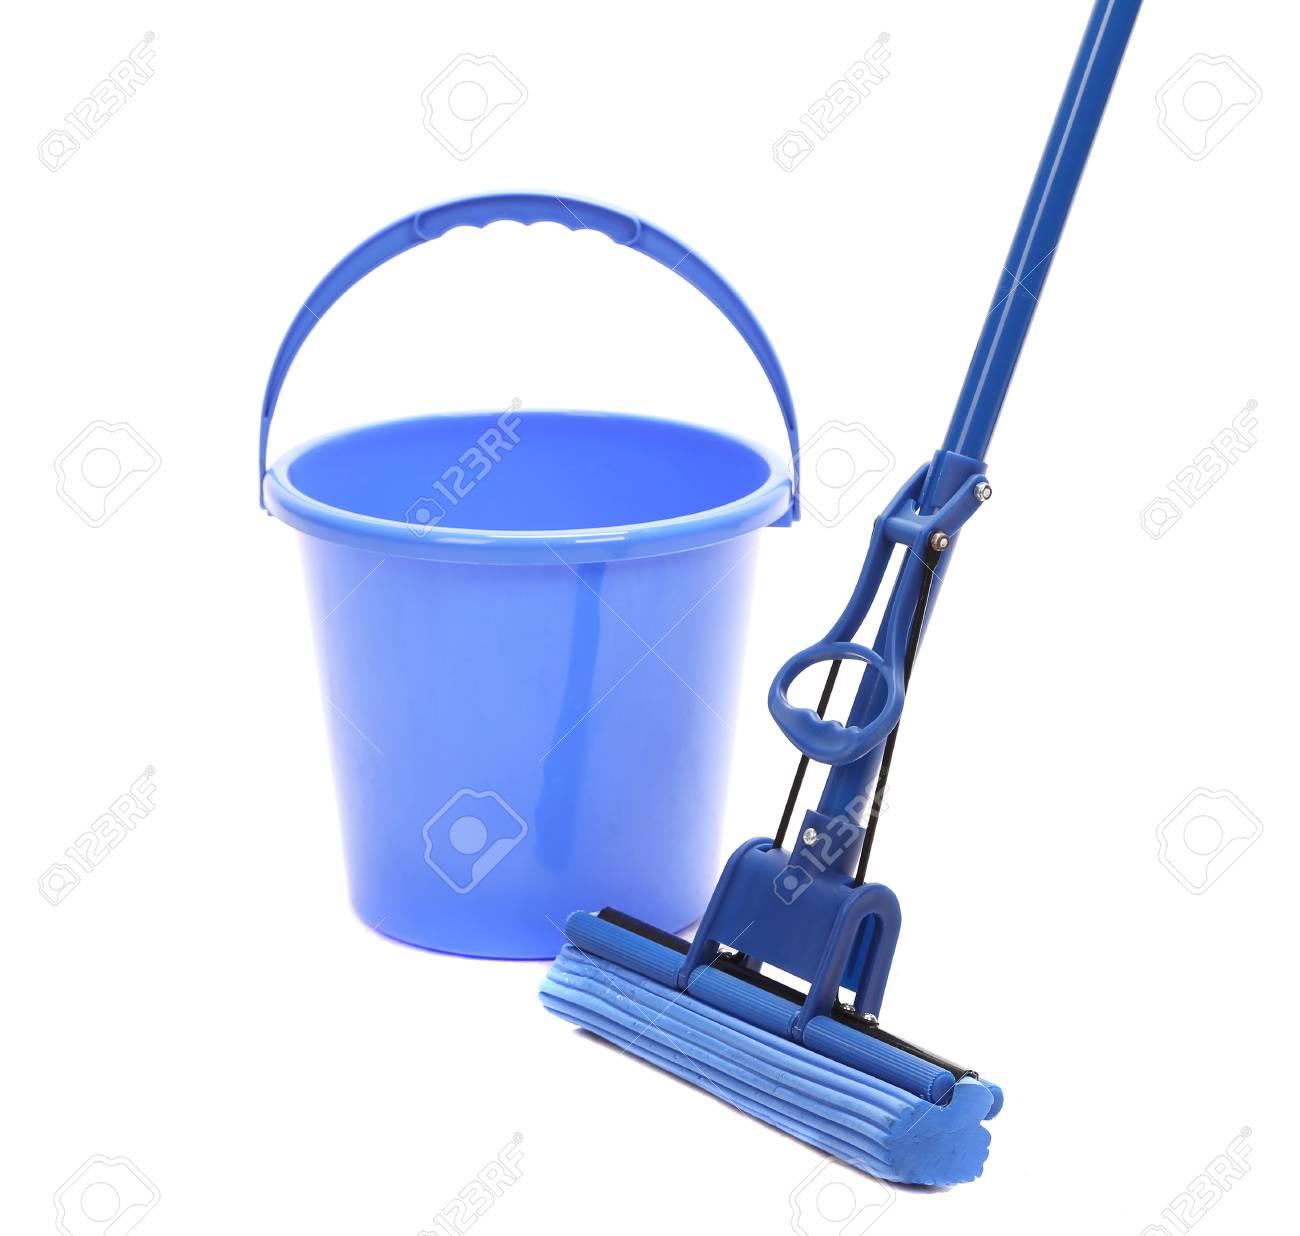 Laver le sol avec des outils de nettoyage. Isolé sur un fond blanc.